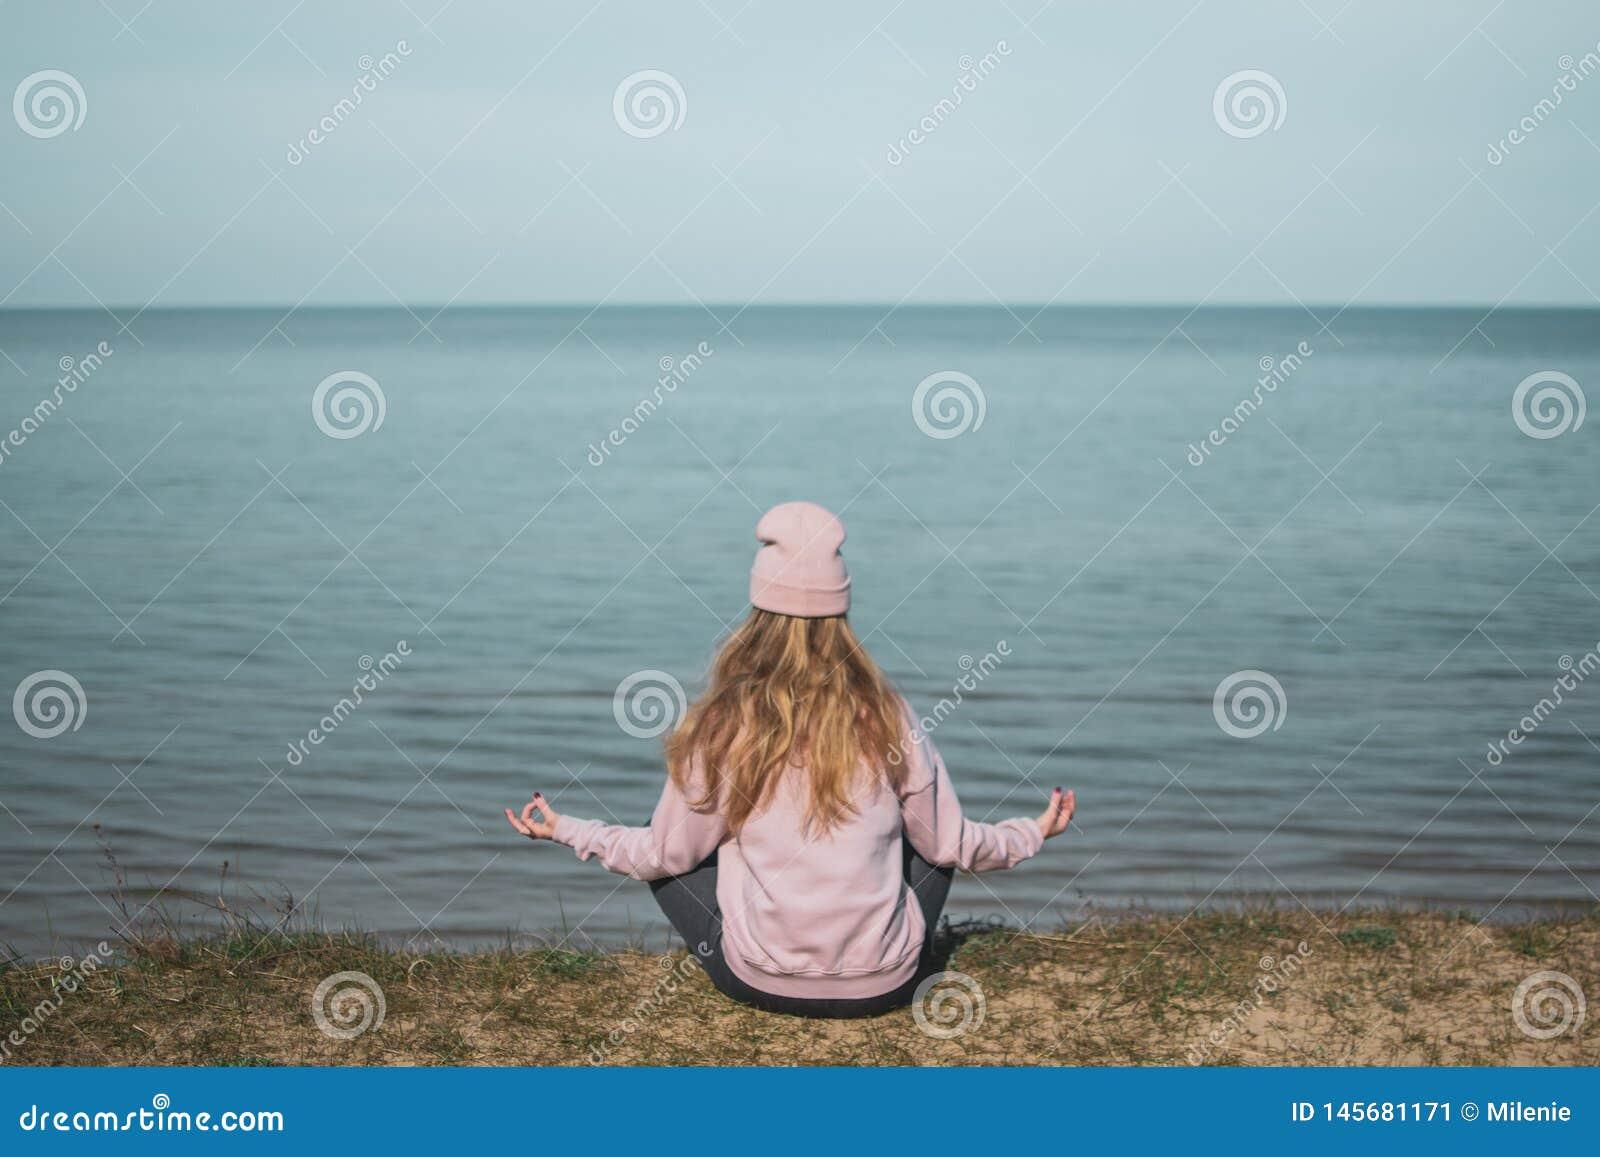 桃红色帽子的年轻妇女单独坐虚张声势,看海,自由概念,平安的大气